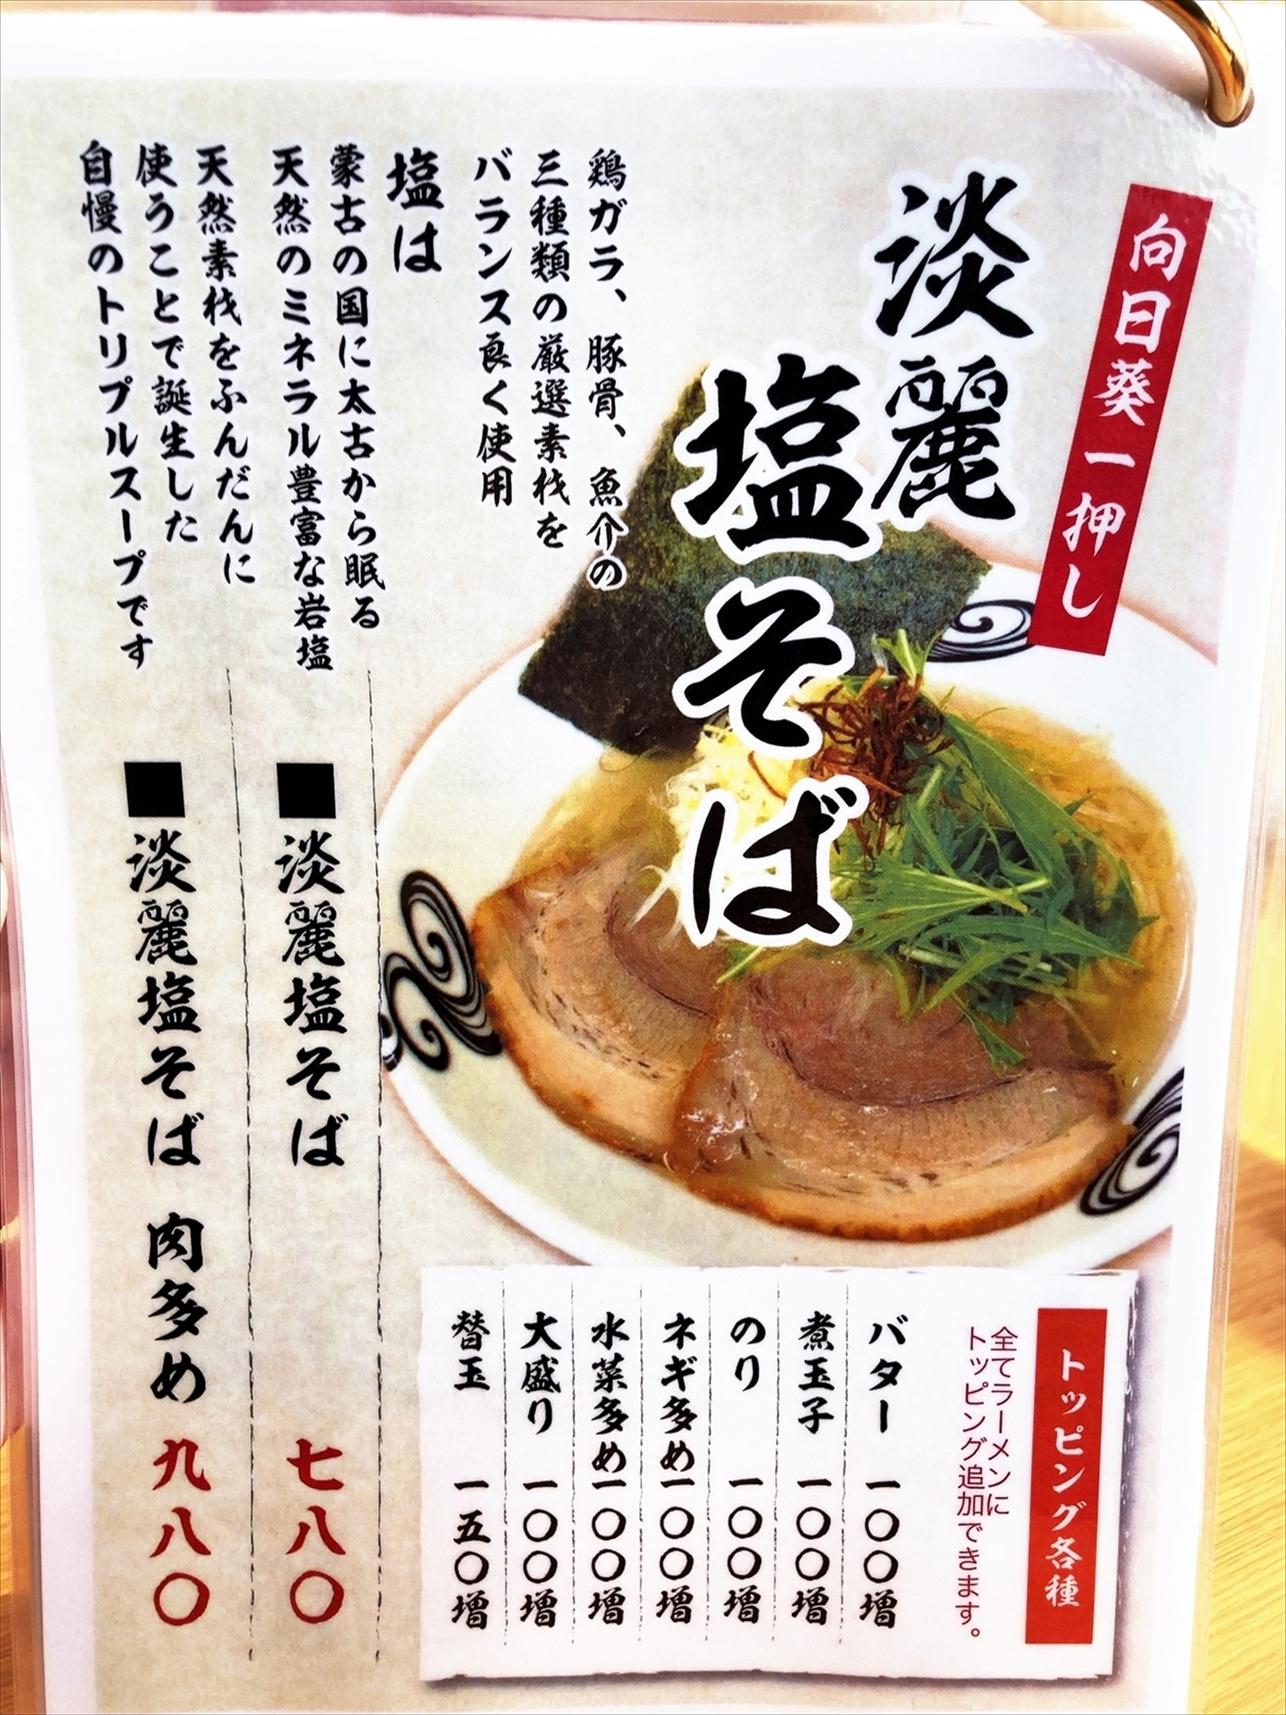 京都 麺や 向日葵のメニュー3